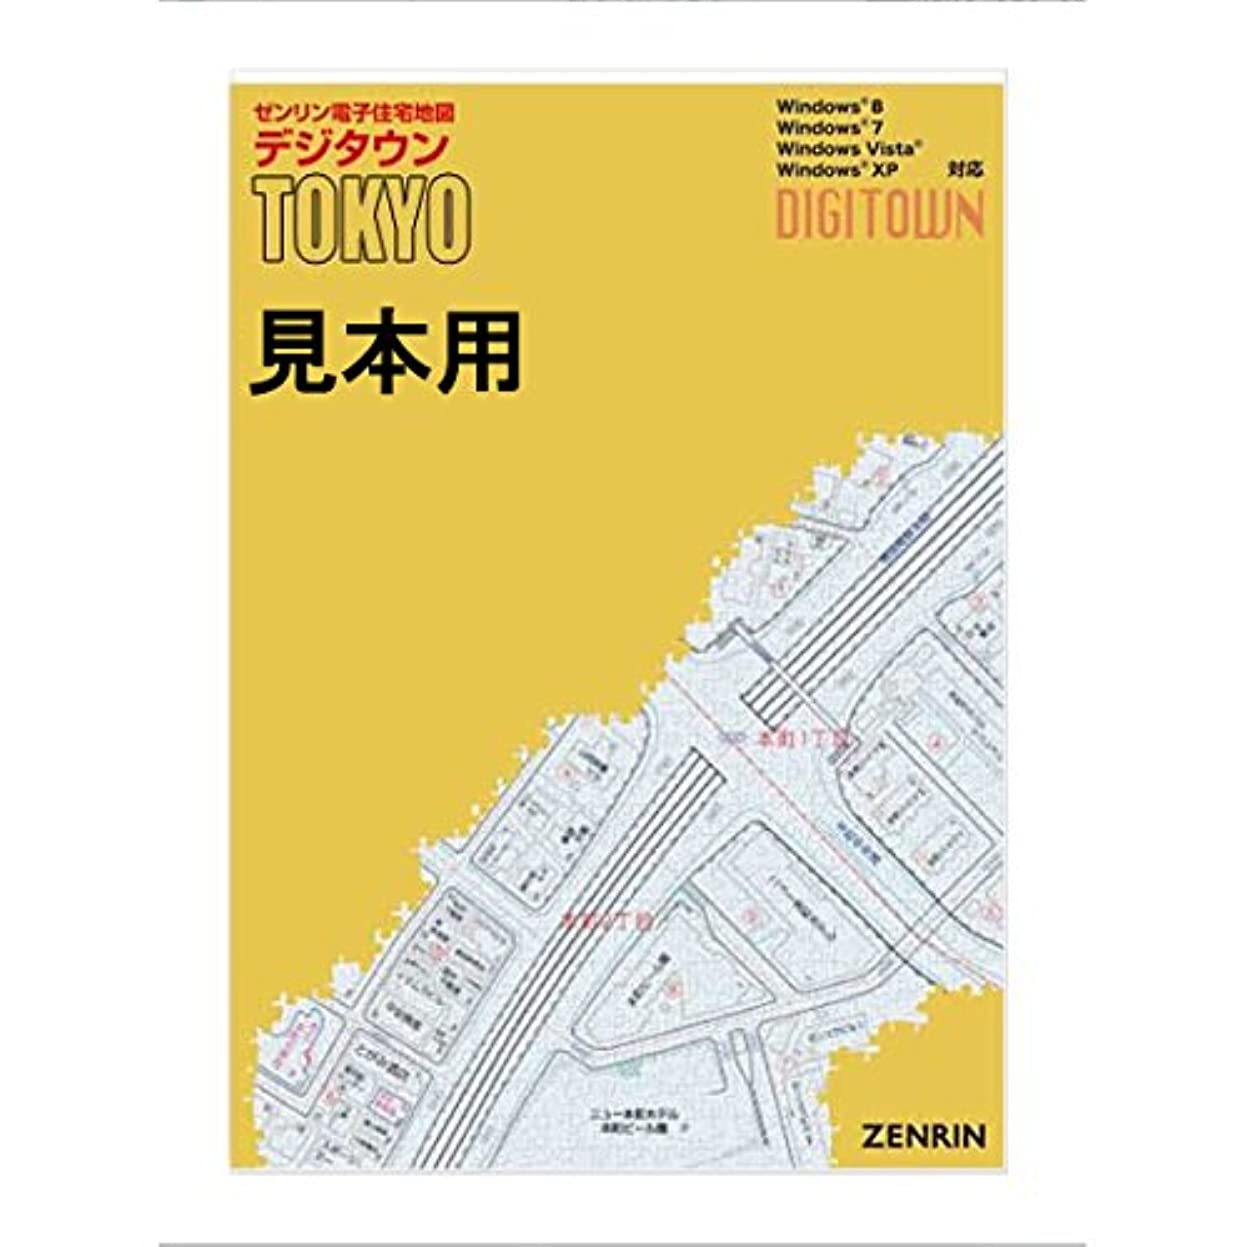 穏やかな変形する影響力のあるゼンリン電子住宅地図 デジタウン 愛知県 名古屋市中村区 発行年月201612 231050Z0O